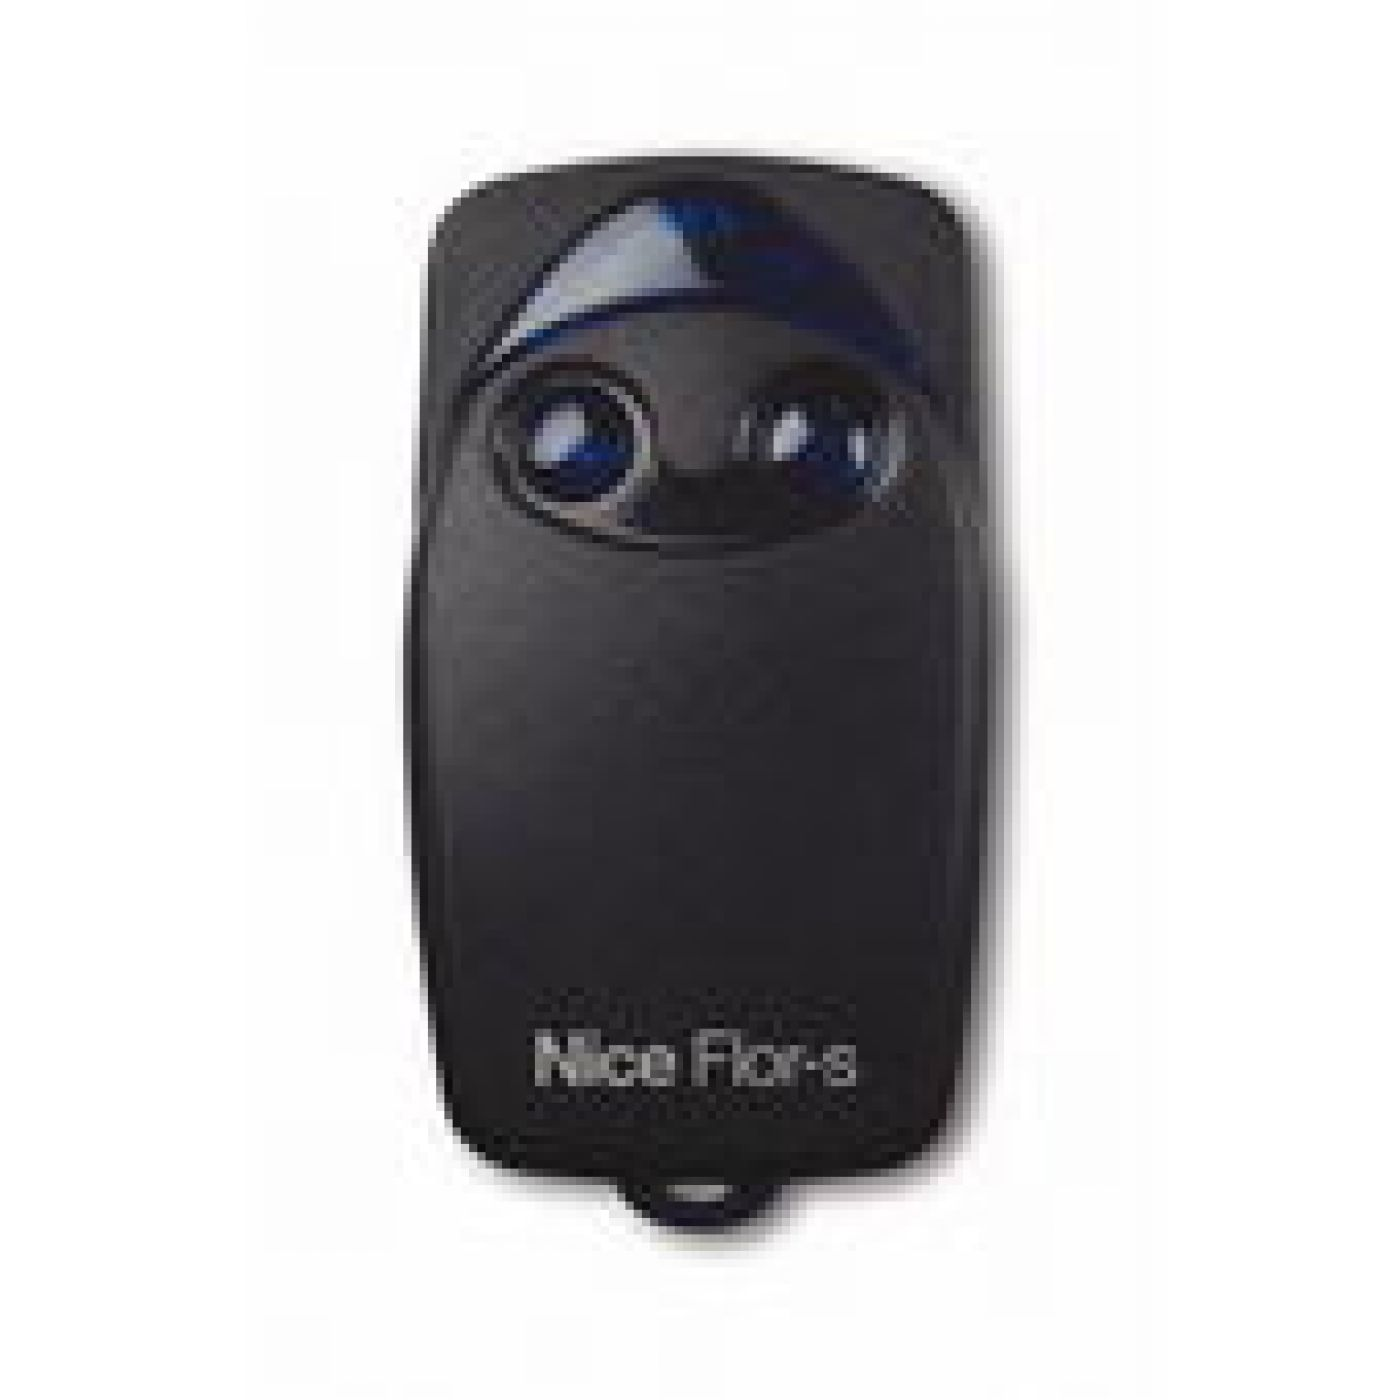 NICE FLO2R-S